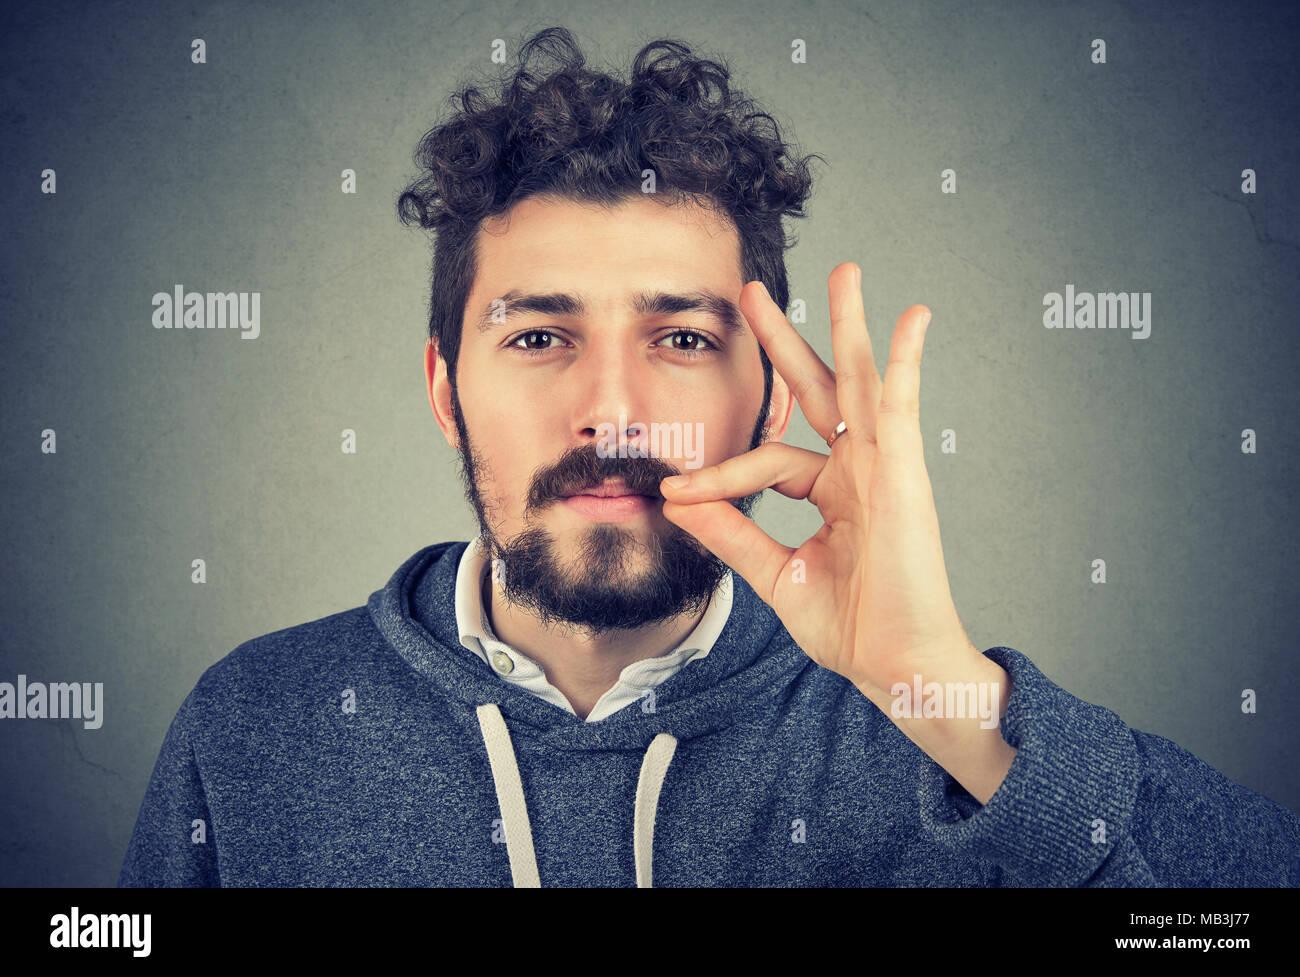 Fiducioso uomo gravi zippare bocca mantenendo le informazioni confidenziali mentre guardando la fotocamera. Immagini Stock